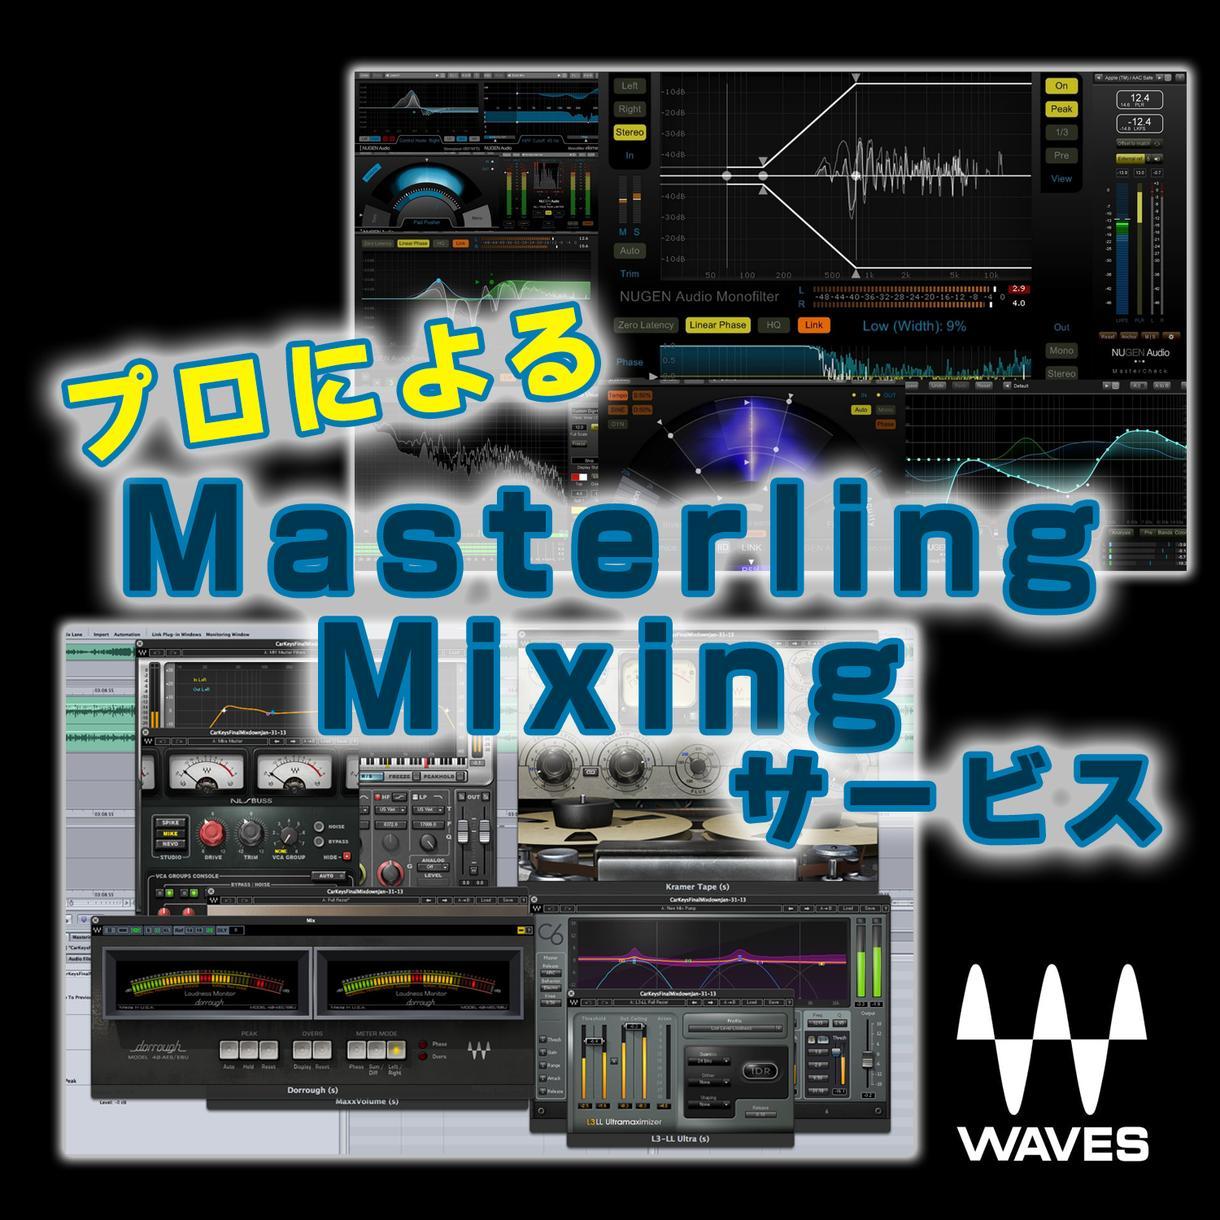 プロがMixing&Masteringします 【CD入稿用のDDPやWEB配信用など様々な納品形態に対応】 イメージ1